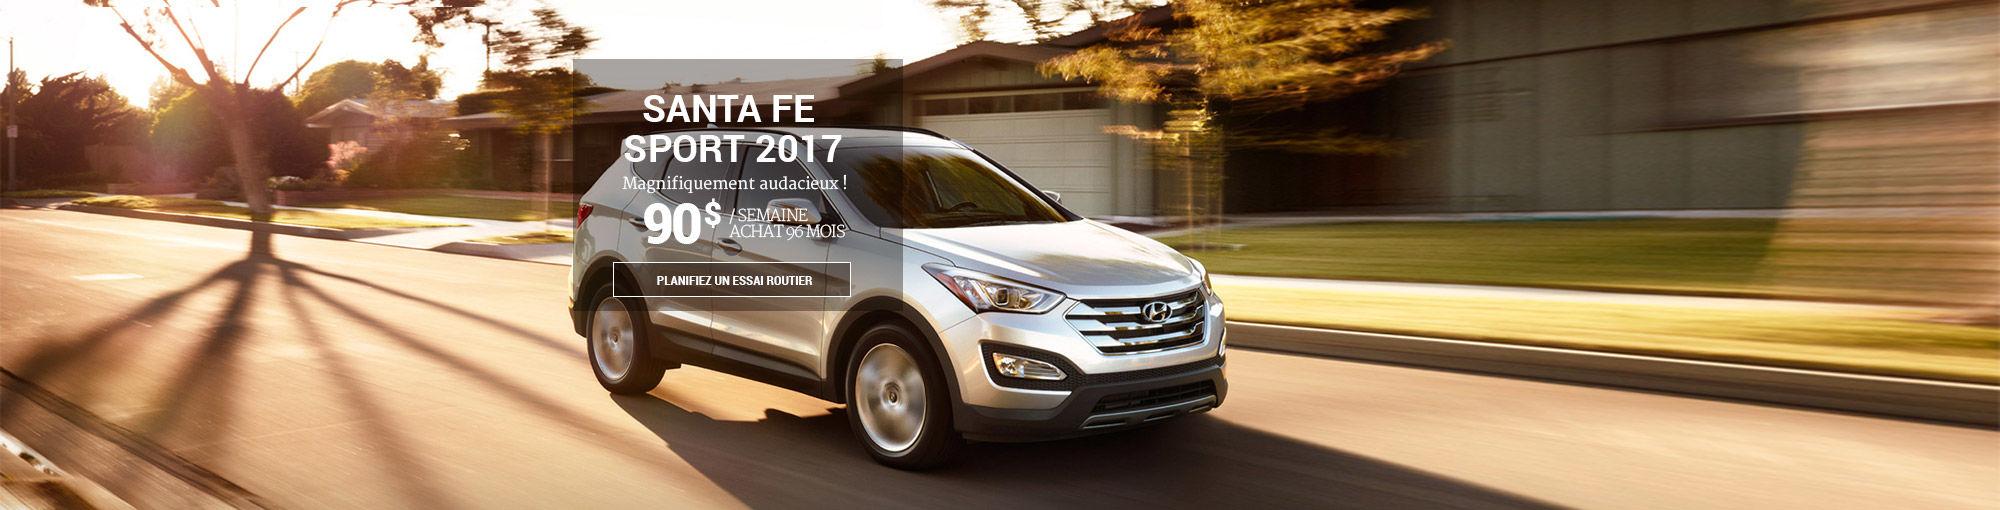 Hyundai Santa Fe Sport 2016 - header - juillet 2016 HTR